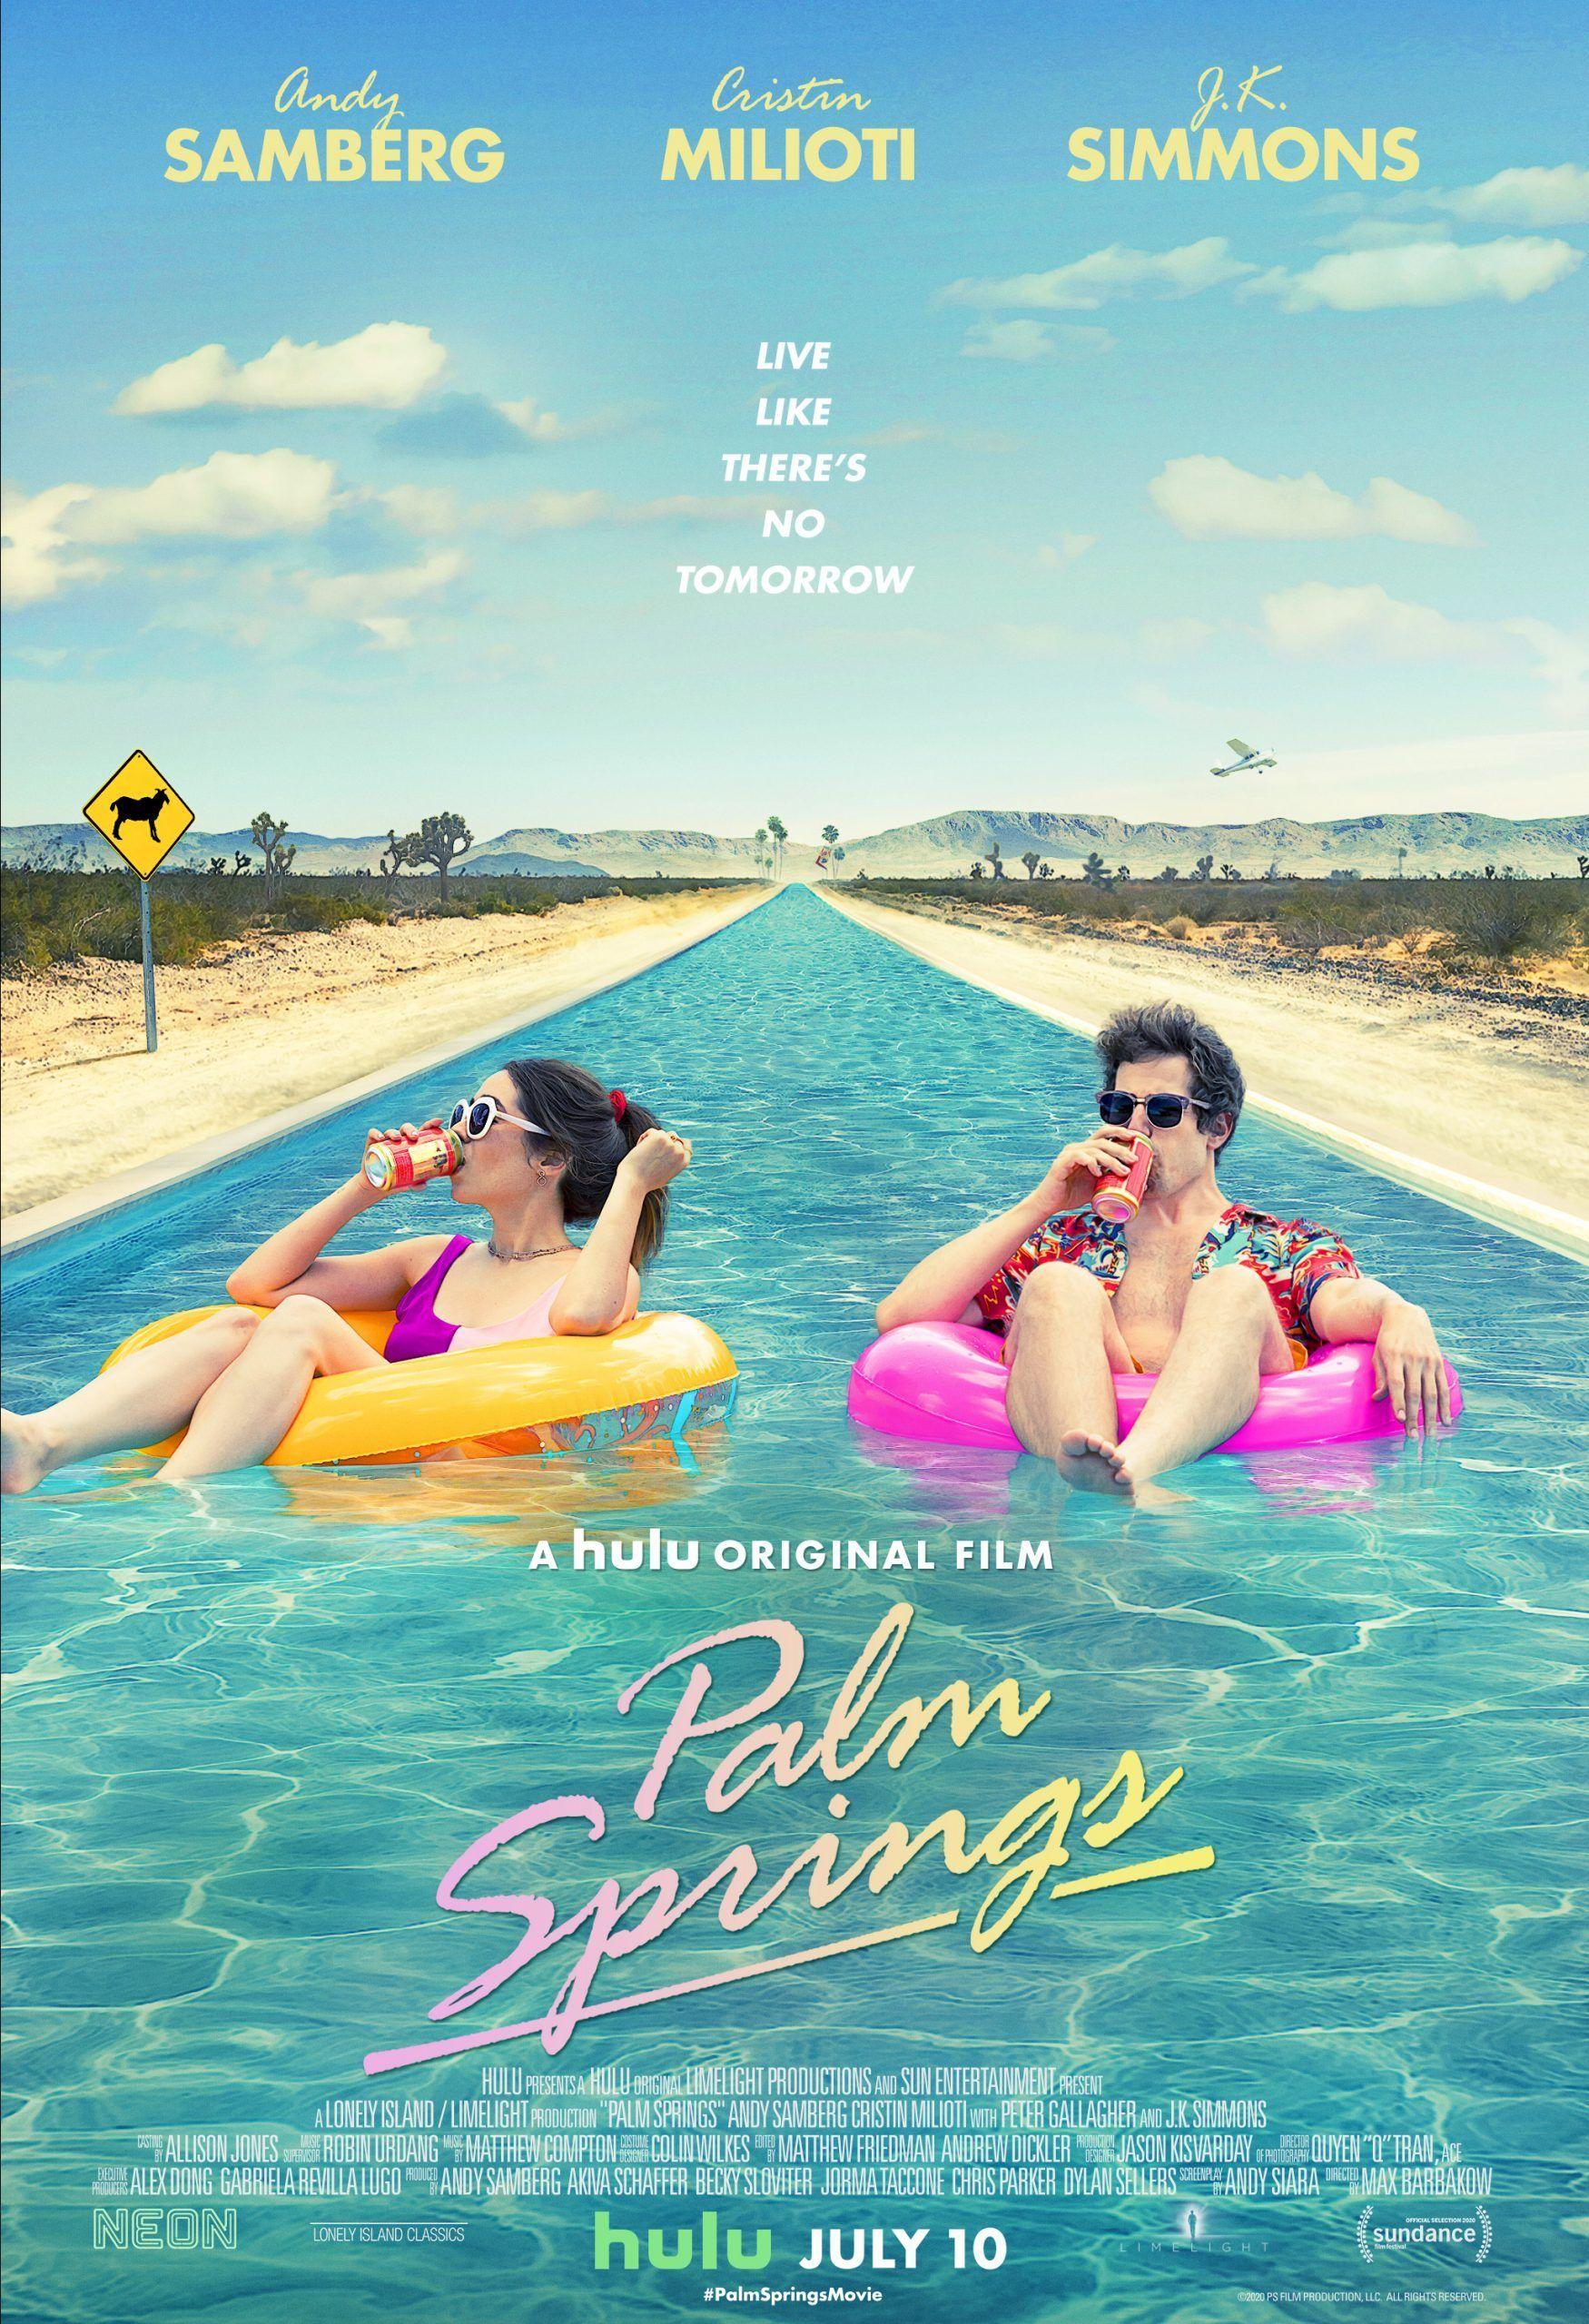 Sleduj bláznivý trailer pre jeden z najchválenejších filmov roka. Komédia Palm Springs ťa kráľovsky pobaví